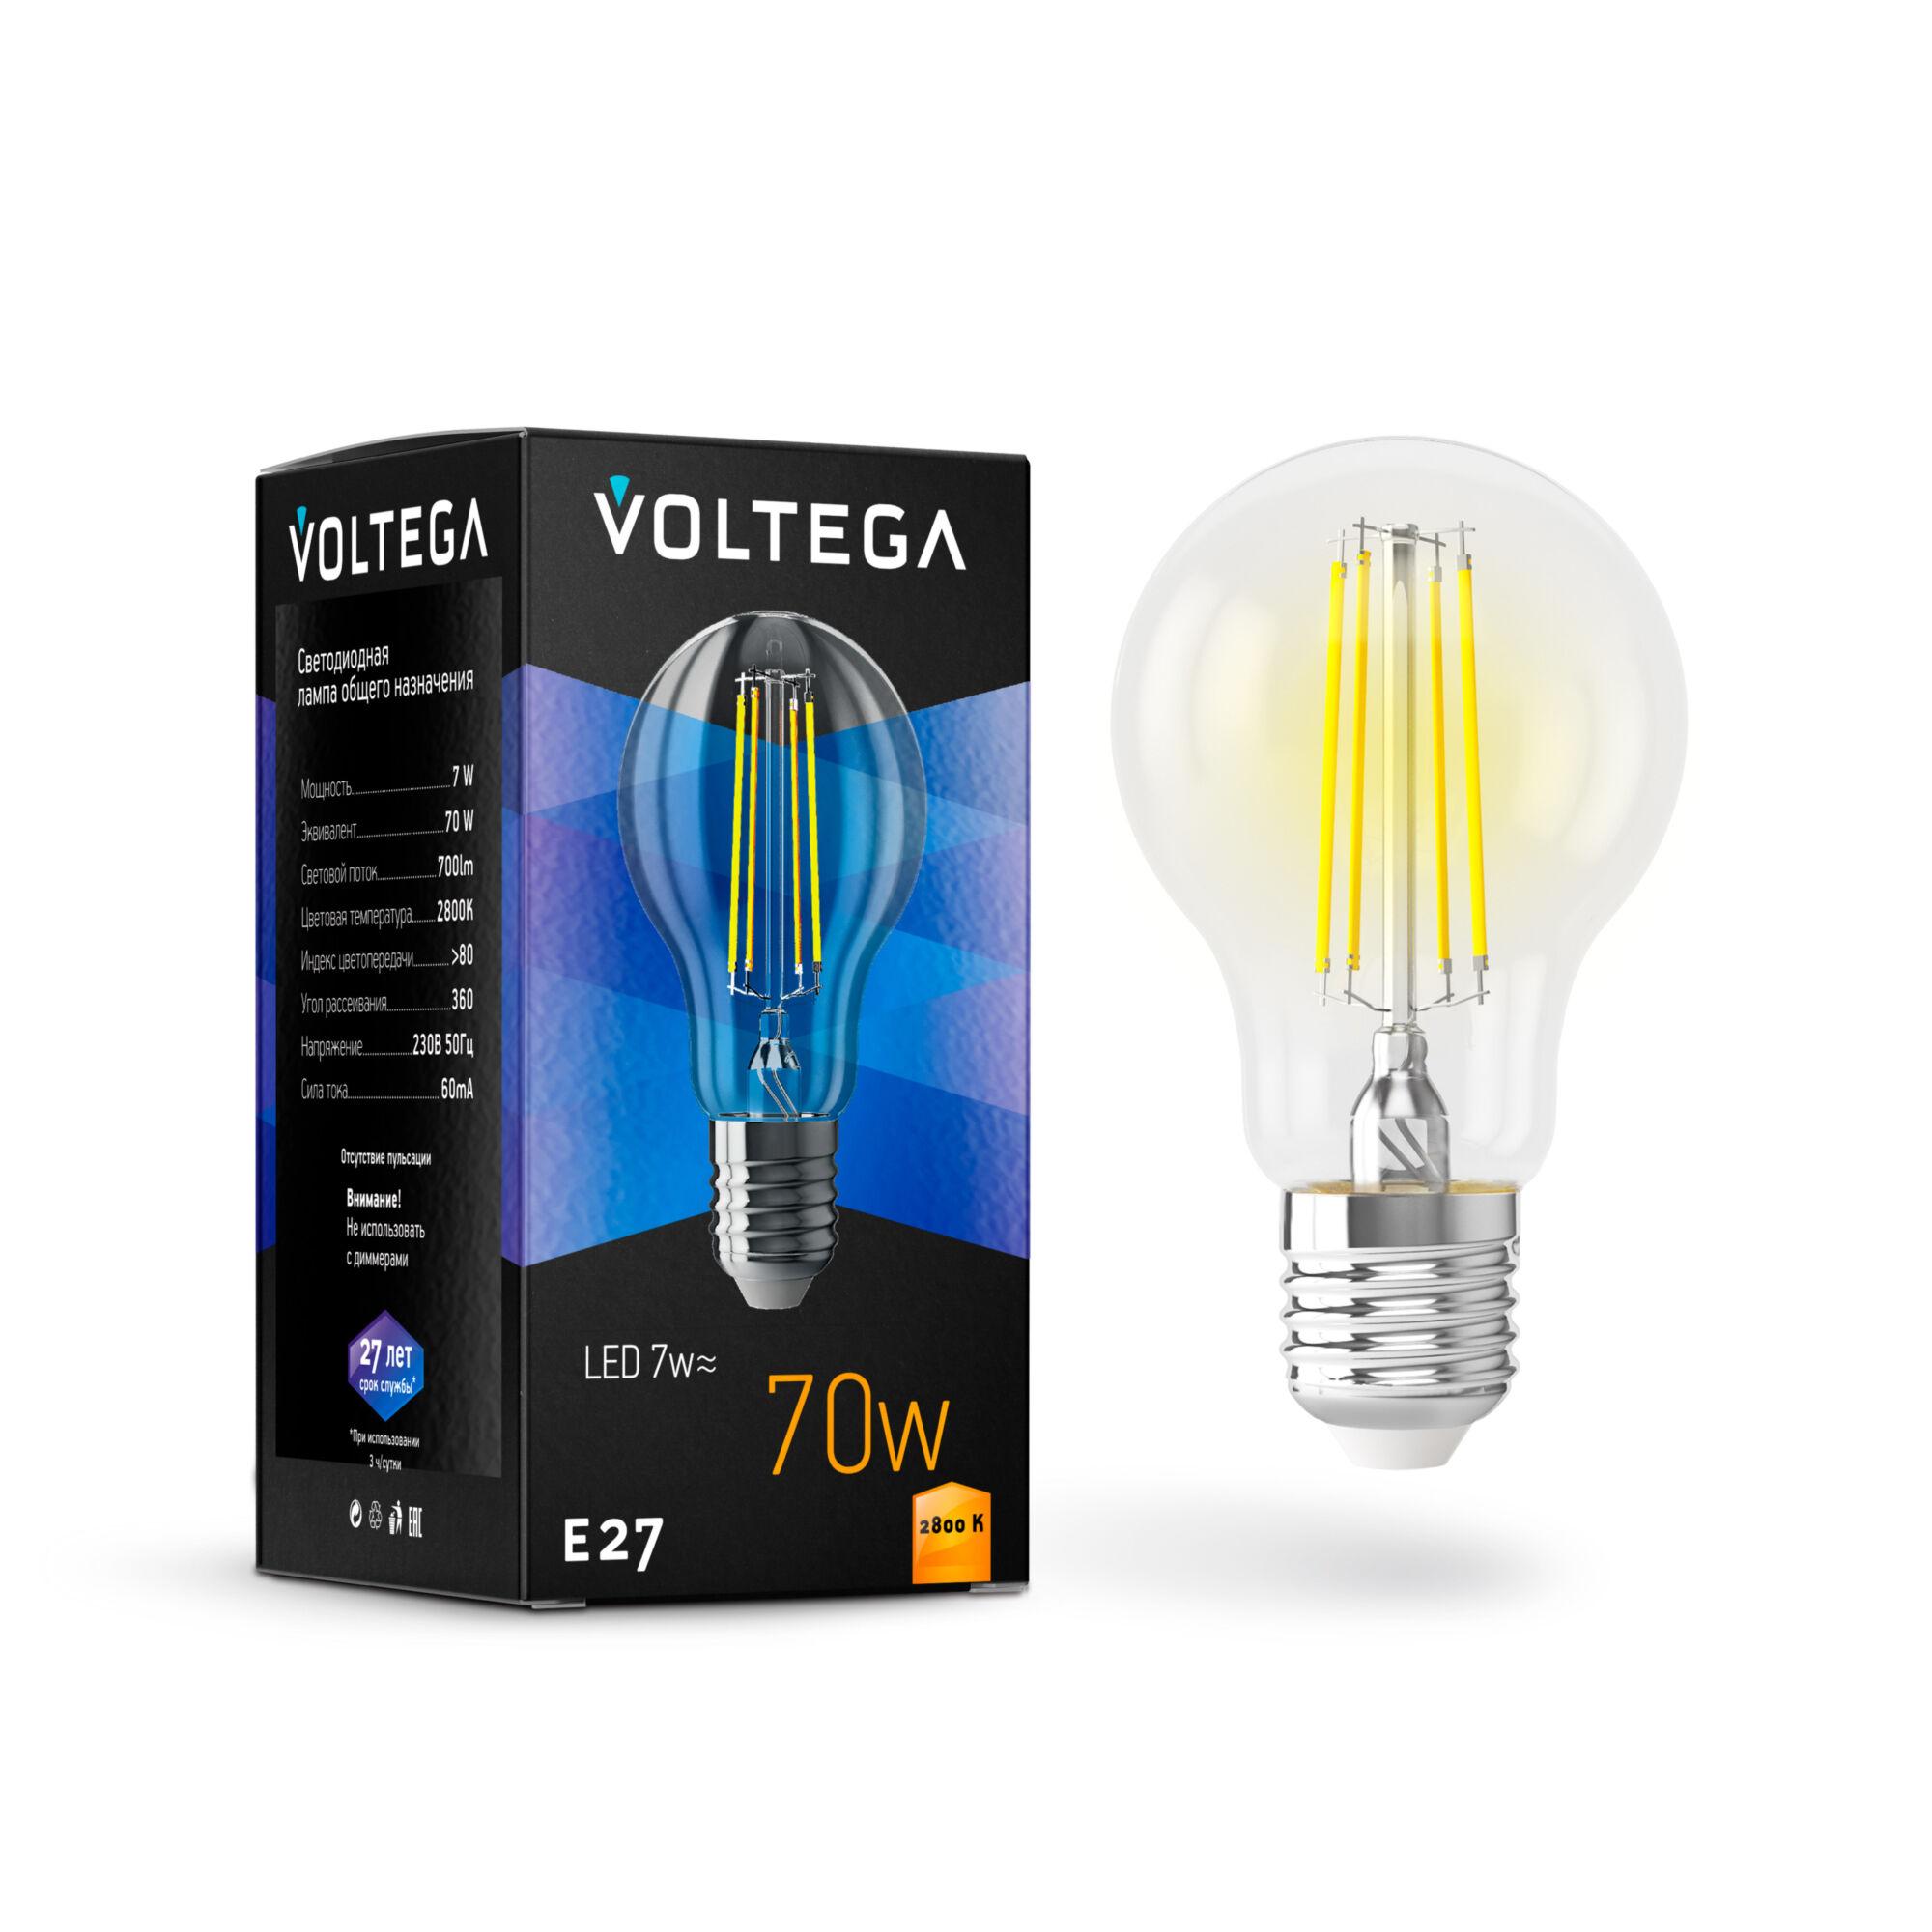 Фото - Лампочка Voltega General purpose bulb Е27 7W 2800К лампочка voltega candel matt е27 6w 2800к